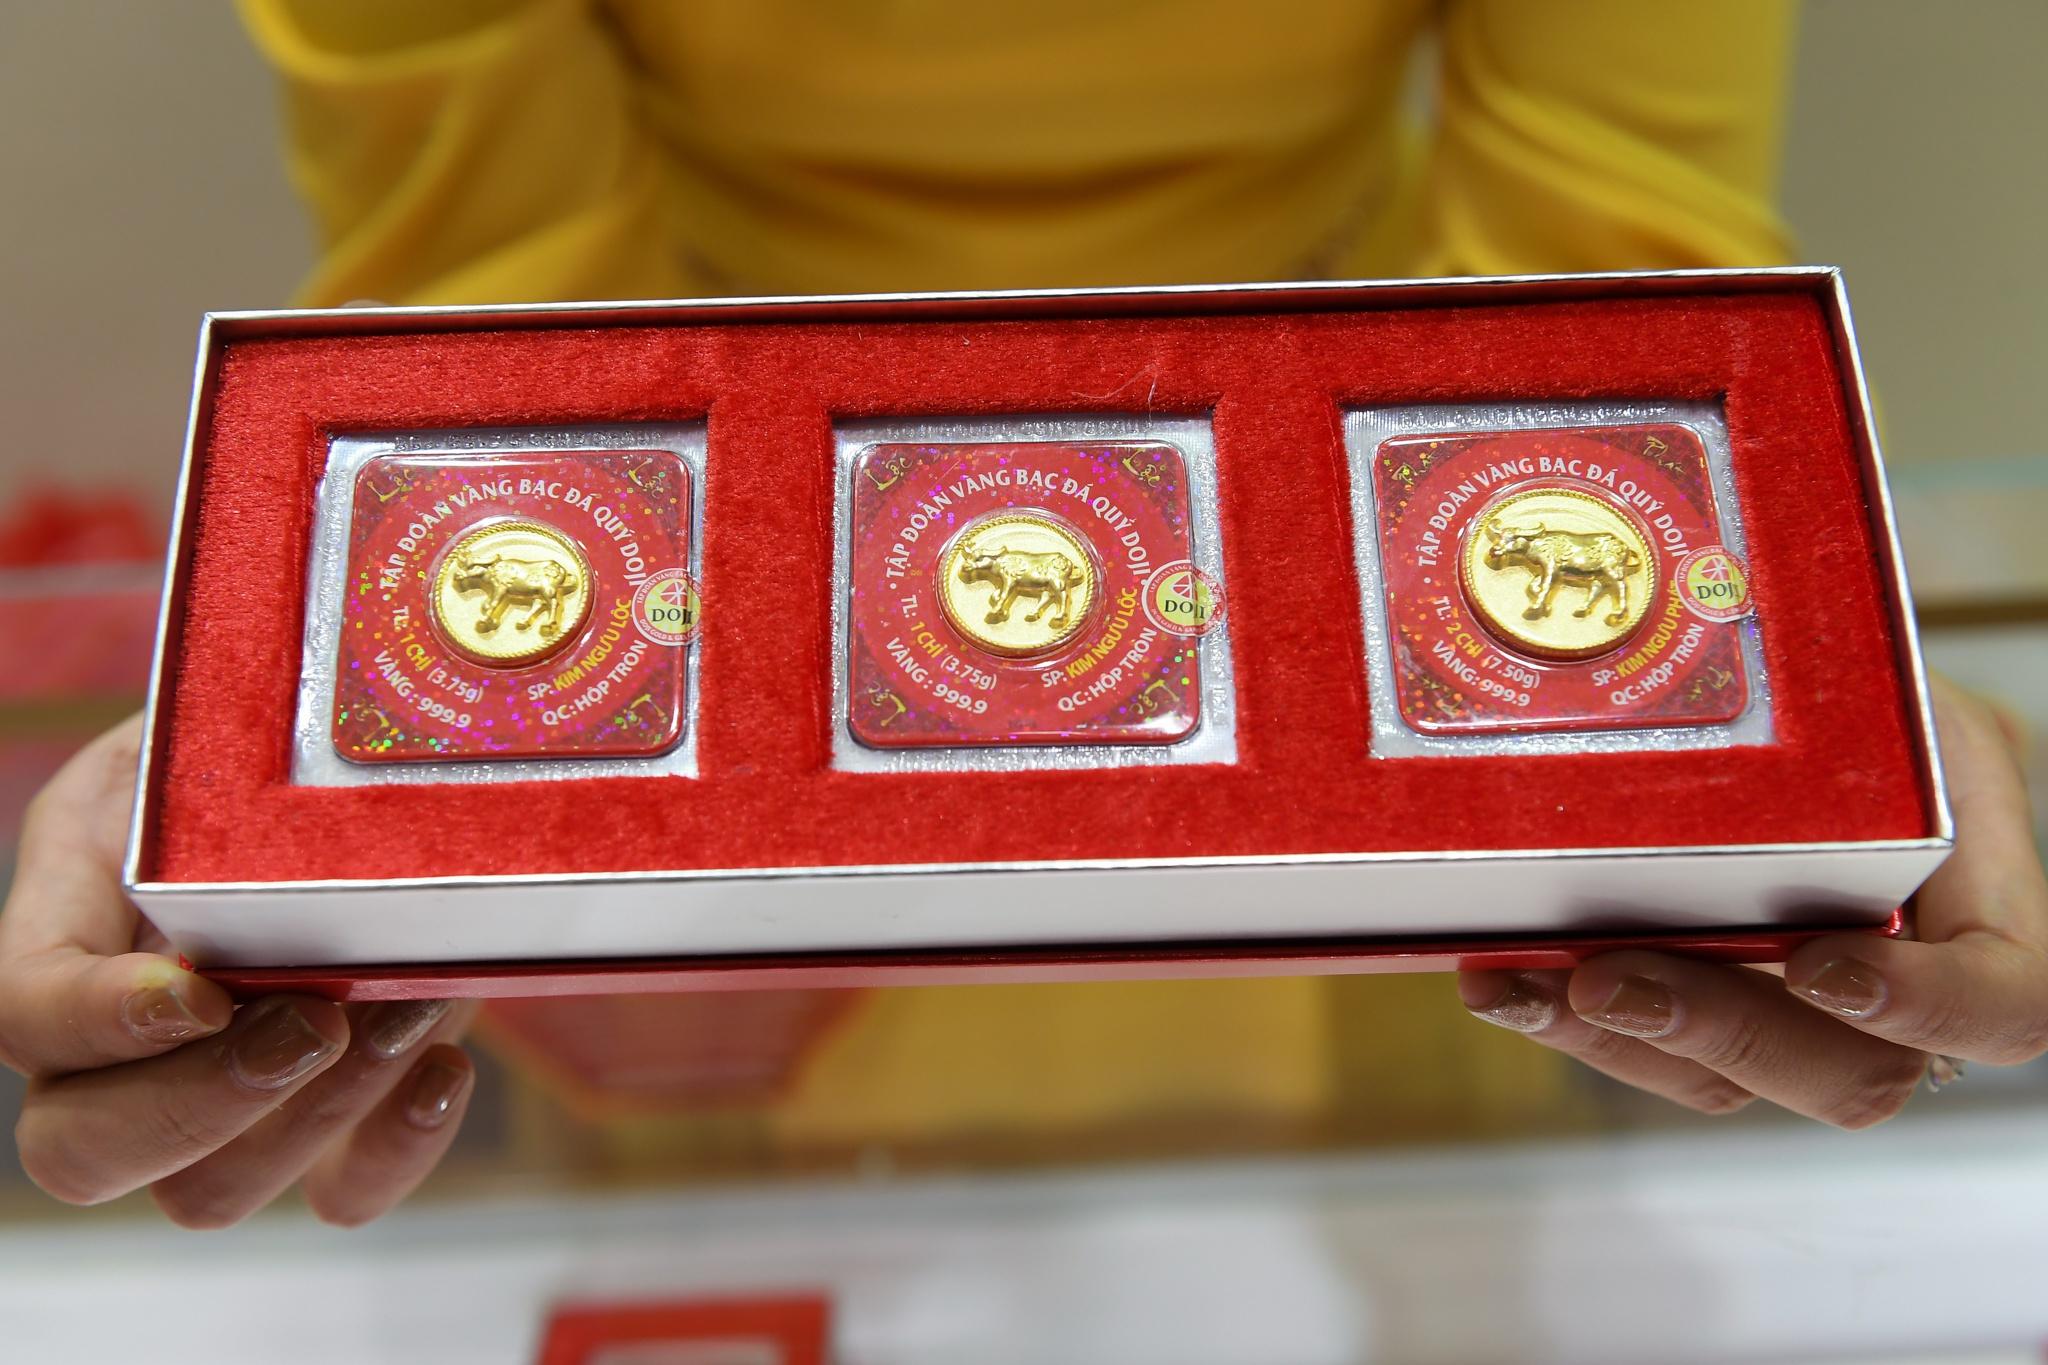 Giá vàng hôm nay 18/5: Tăng vọt, vàng SJC vượt mốc 62 triệu đồng/lượng - Ảnh 1.